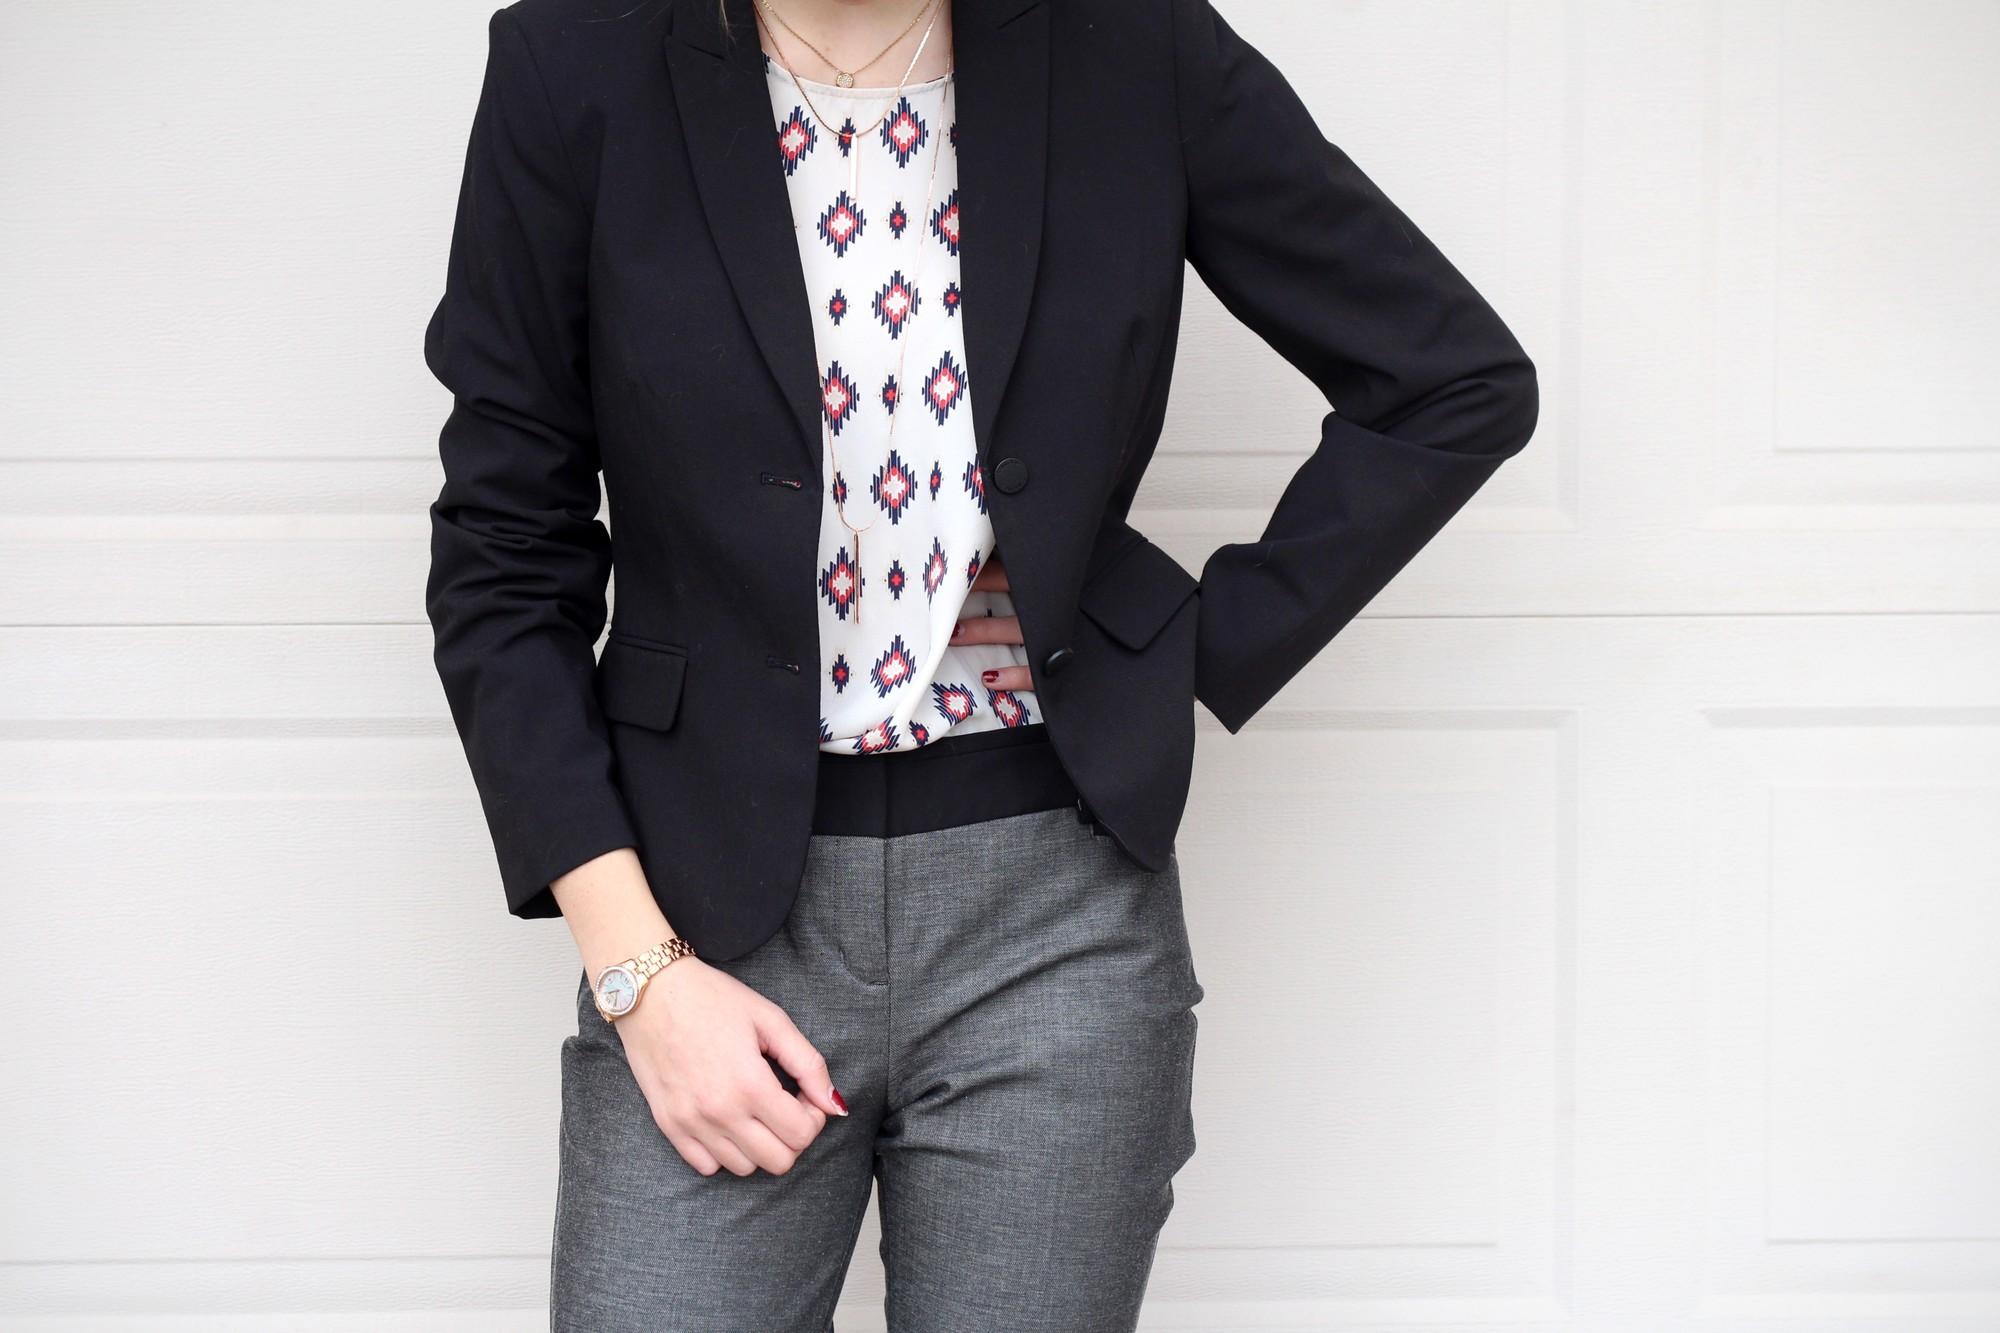 woman wearing a blazer, diamond patterned shirt, and slacks